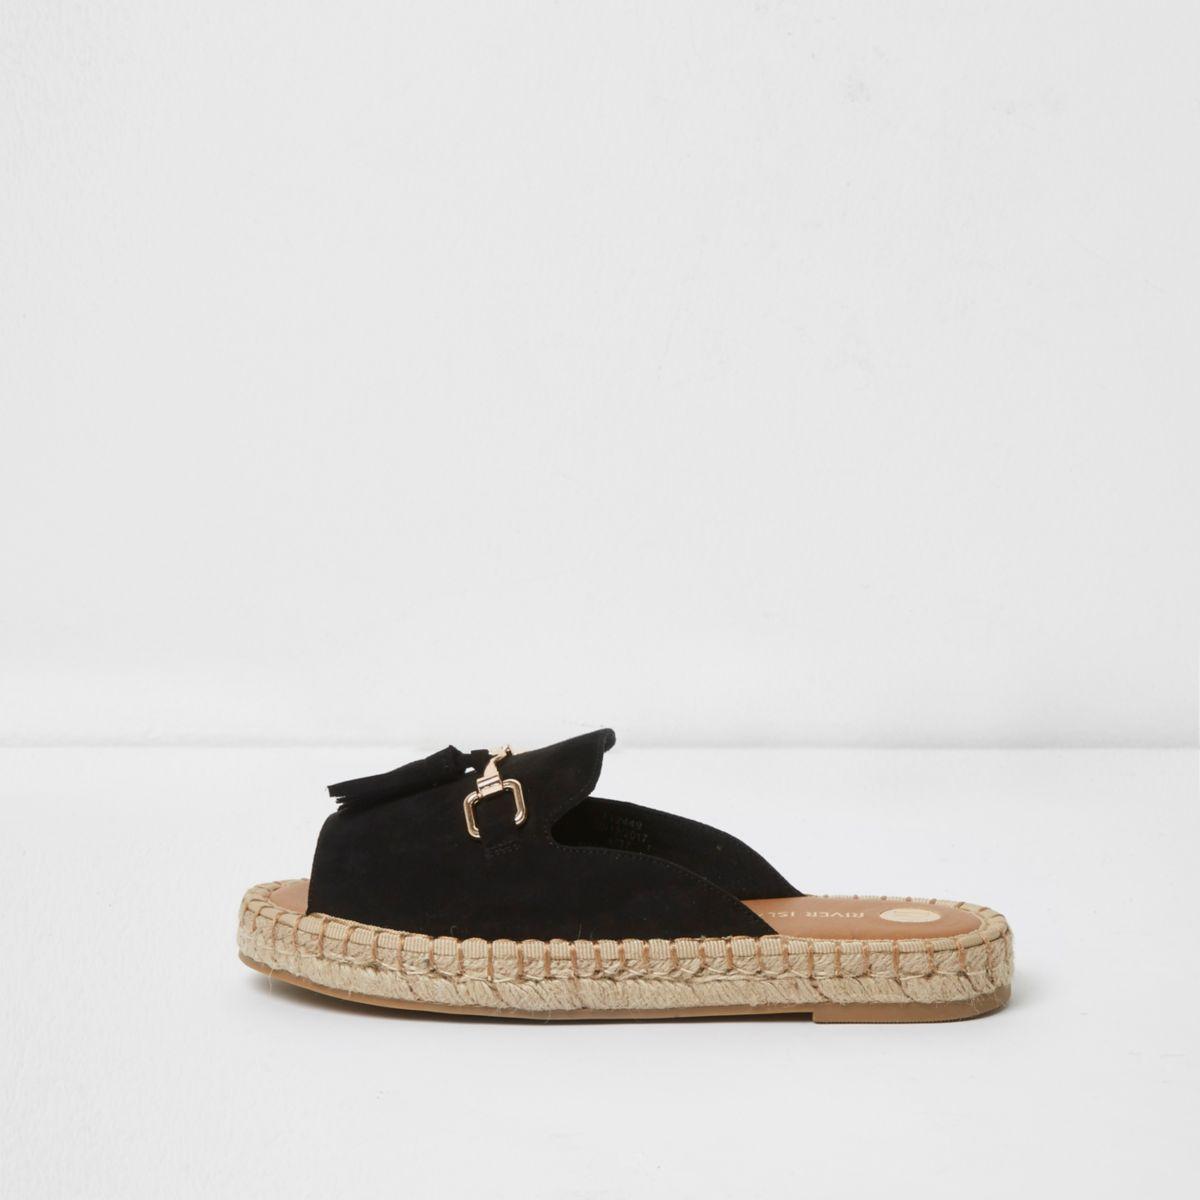 Black backless espadrille loafers